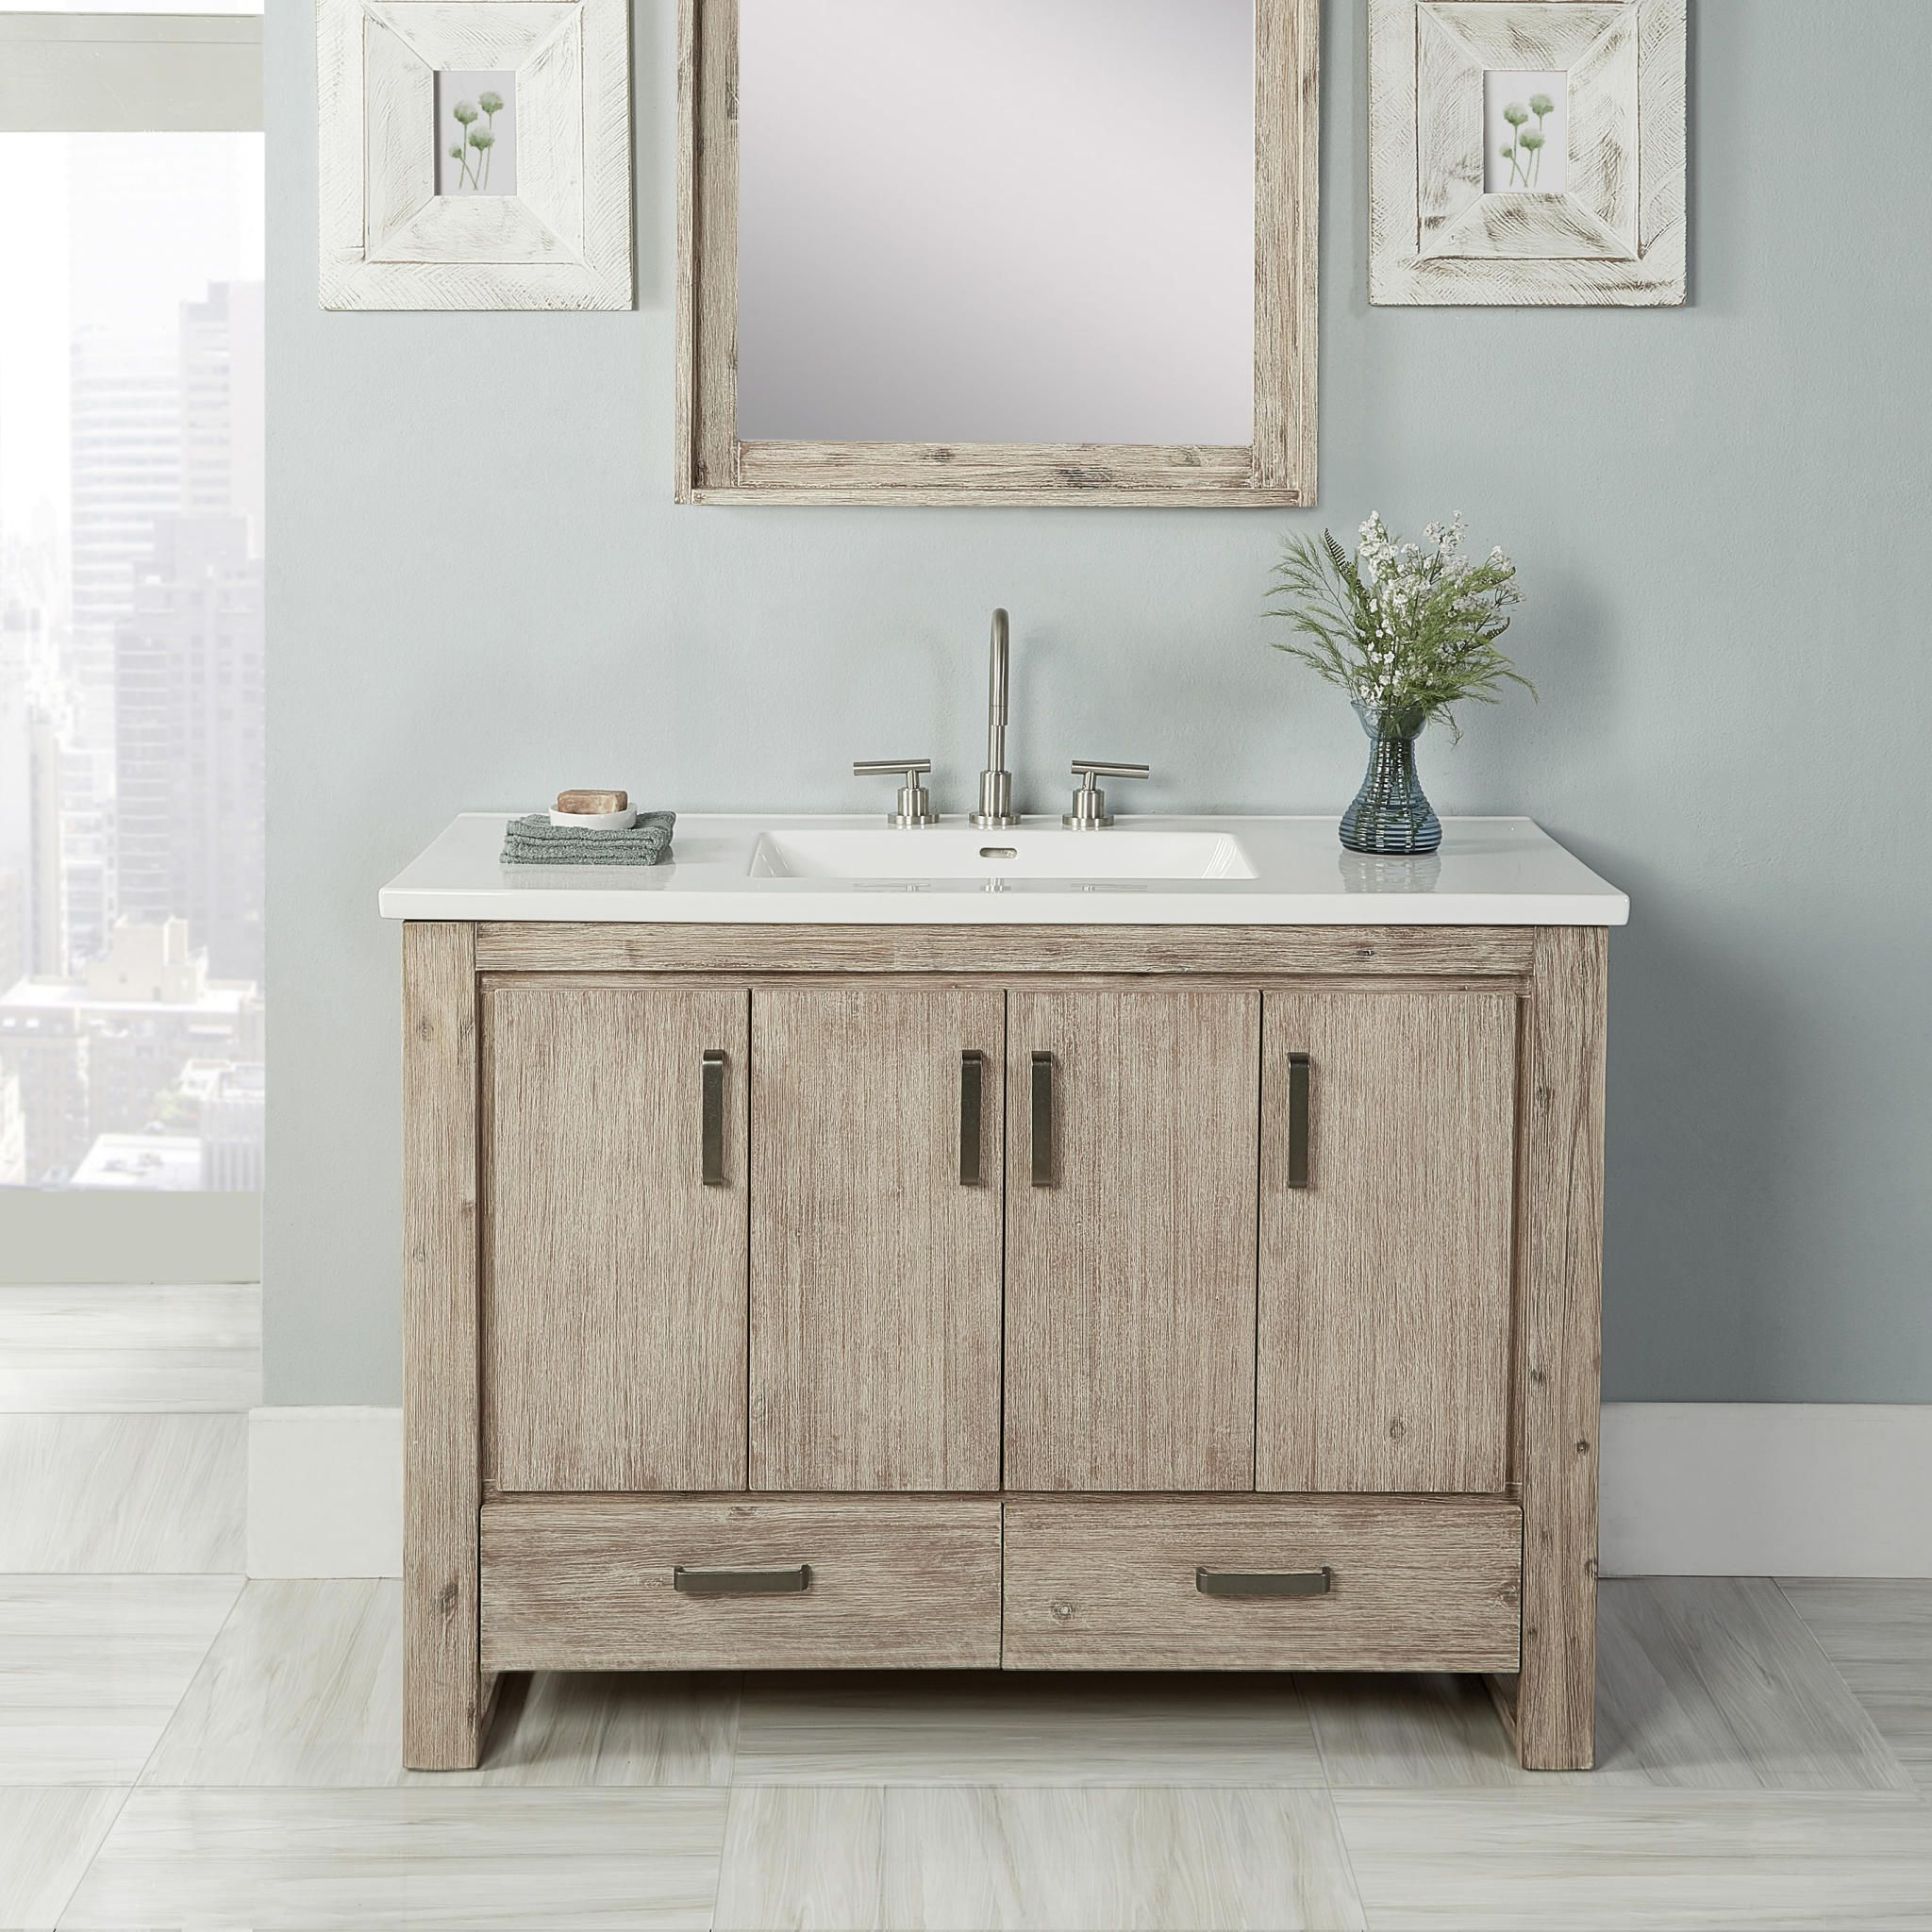 Oasis 48 Bathroom Vanity Fairmont Designs Bathroom Vanity Vanity